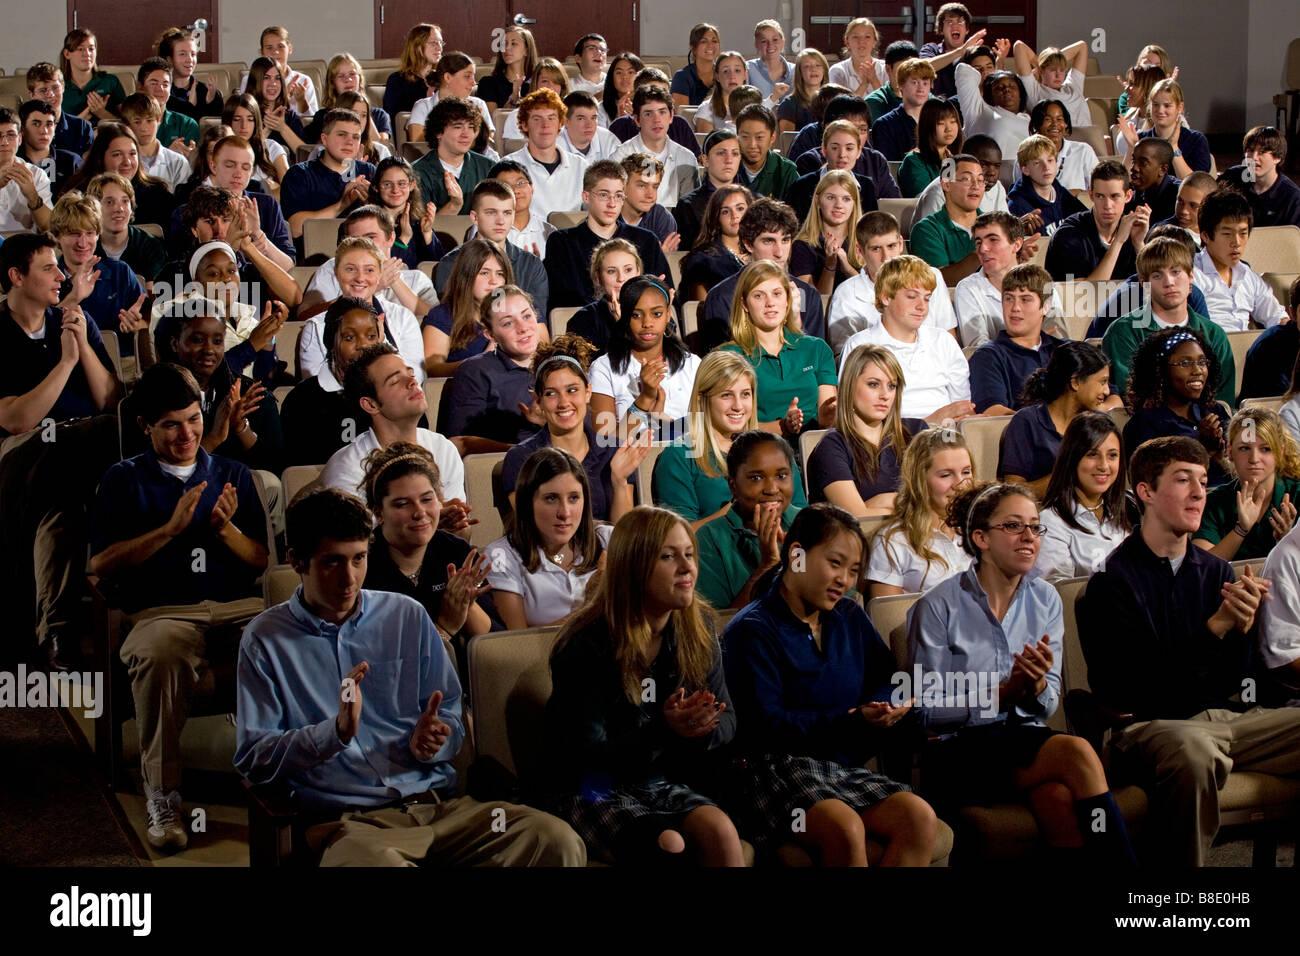 High School und Middle School Studenten in einem Hörsaal sitzen. Stockbild